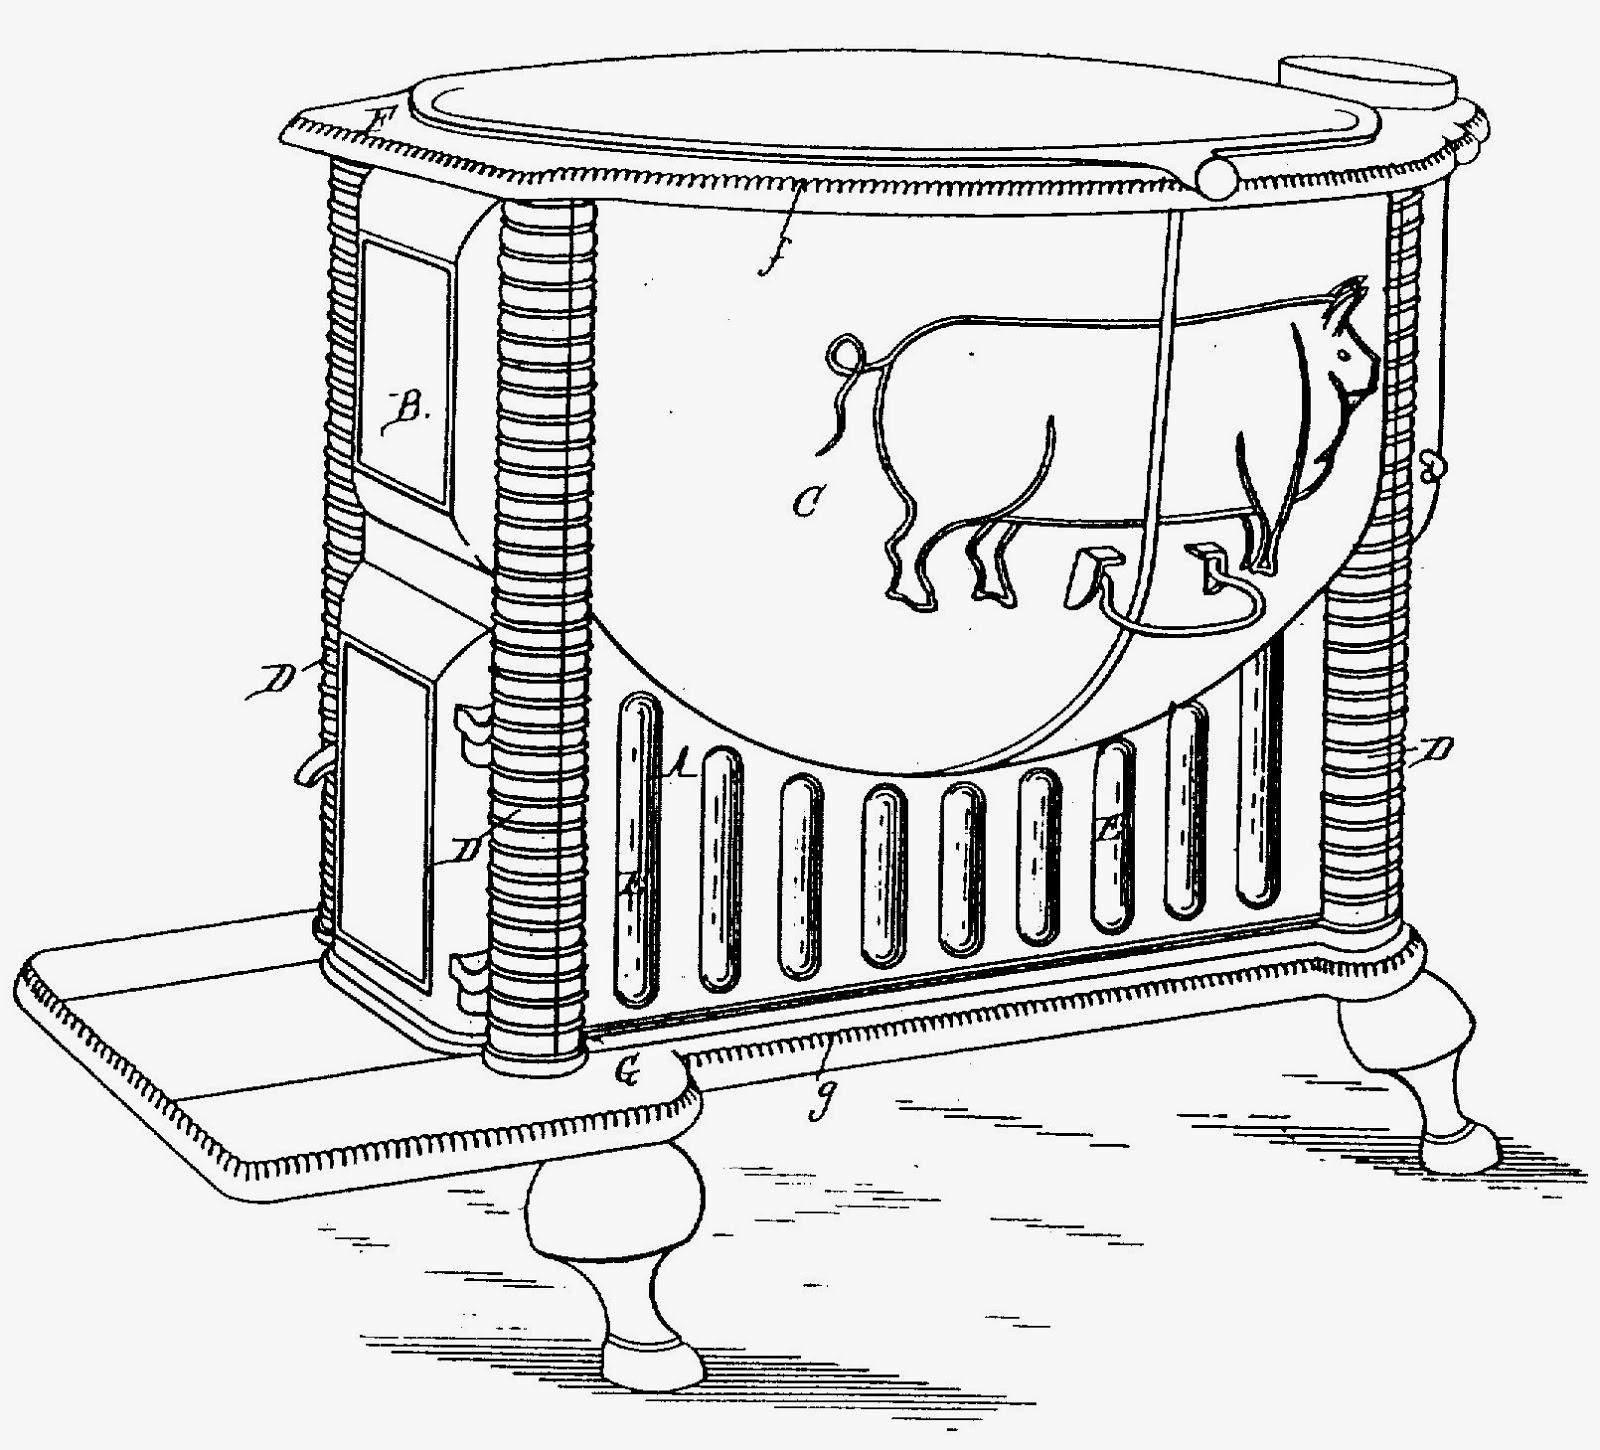 Utica Boiler Wiring Diagram For,Boiler.Wiring Harness ... on boiler installation diagram, steam boiler control diagram, fireplace wood boiler diagram,